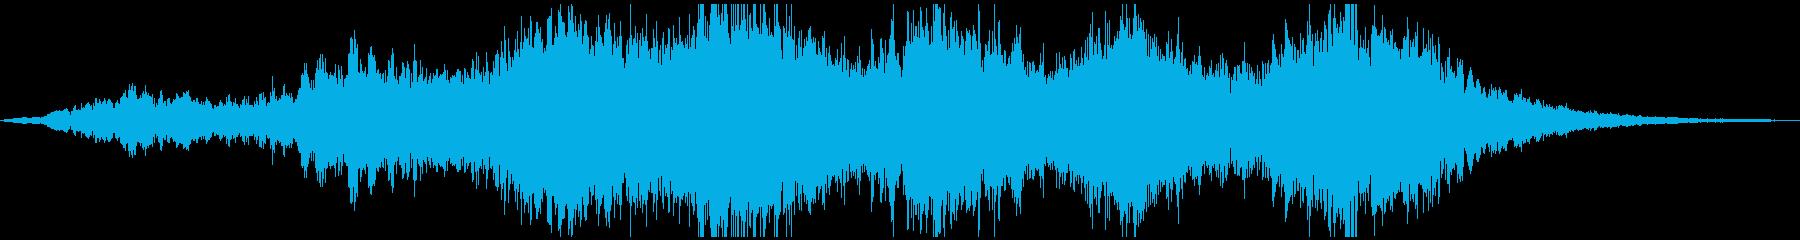 PADS 渦巻く瞑想01の再生済みの波形